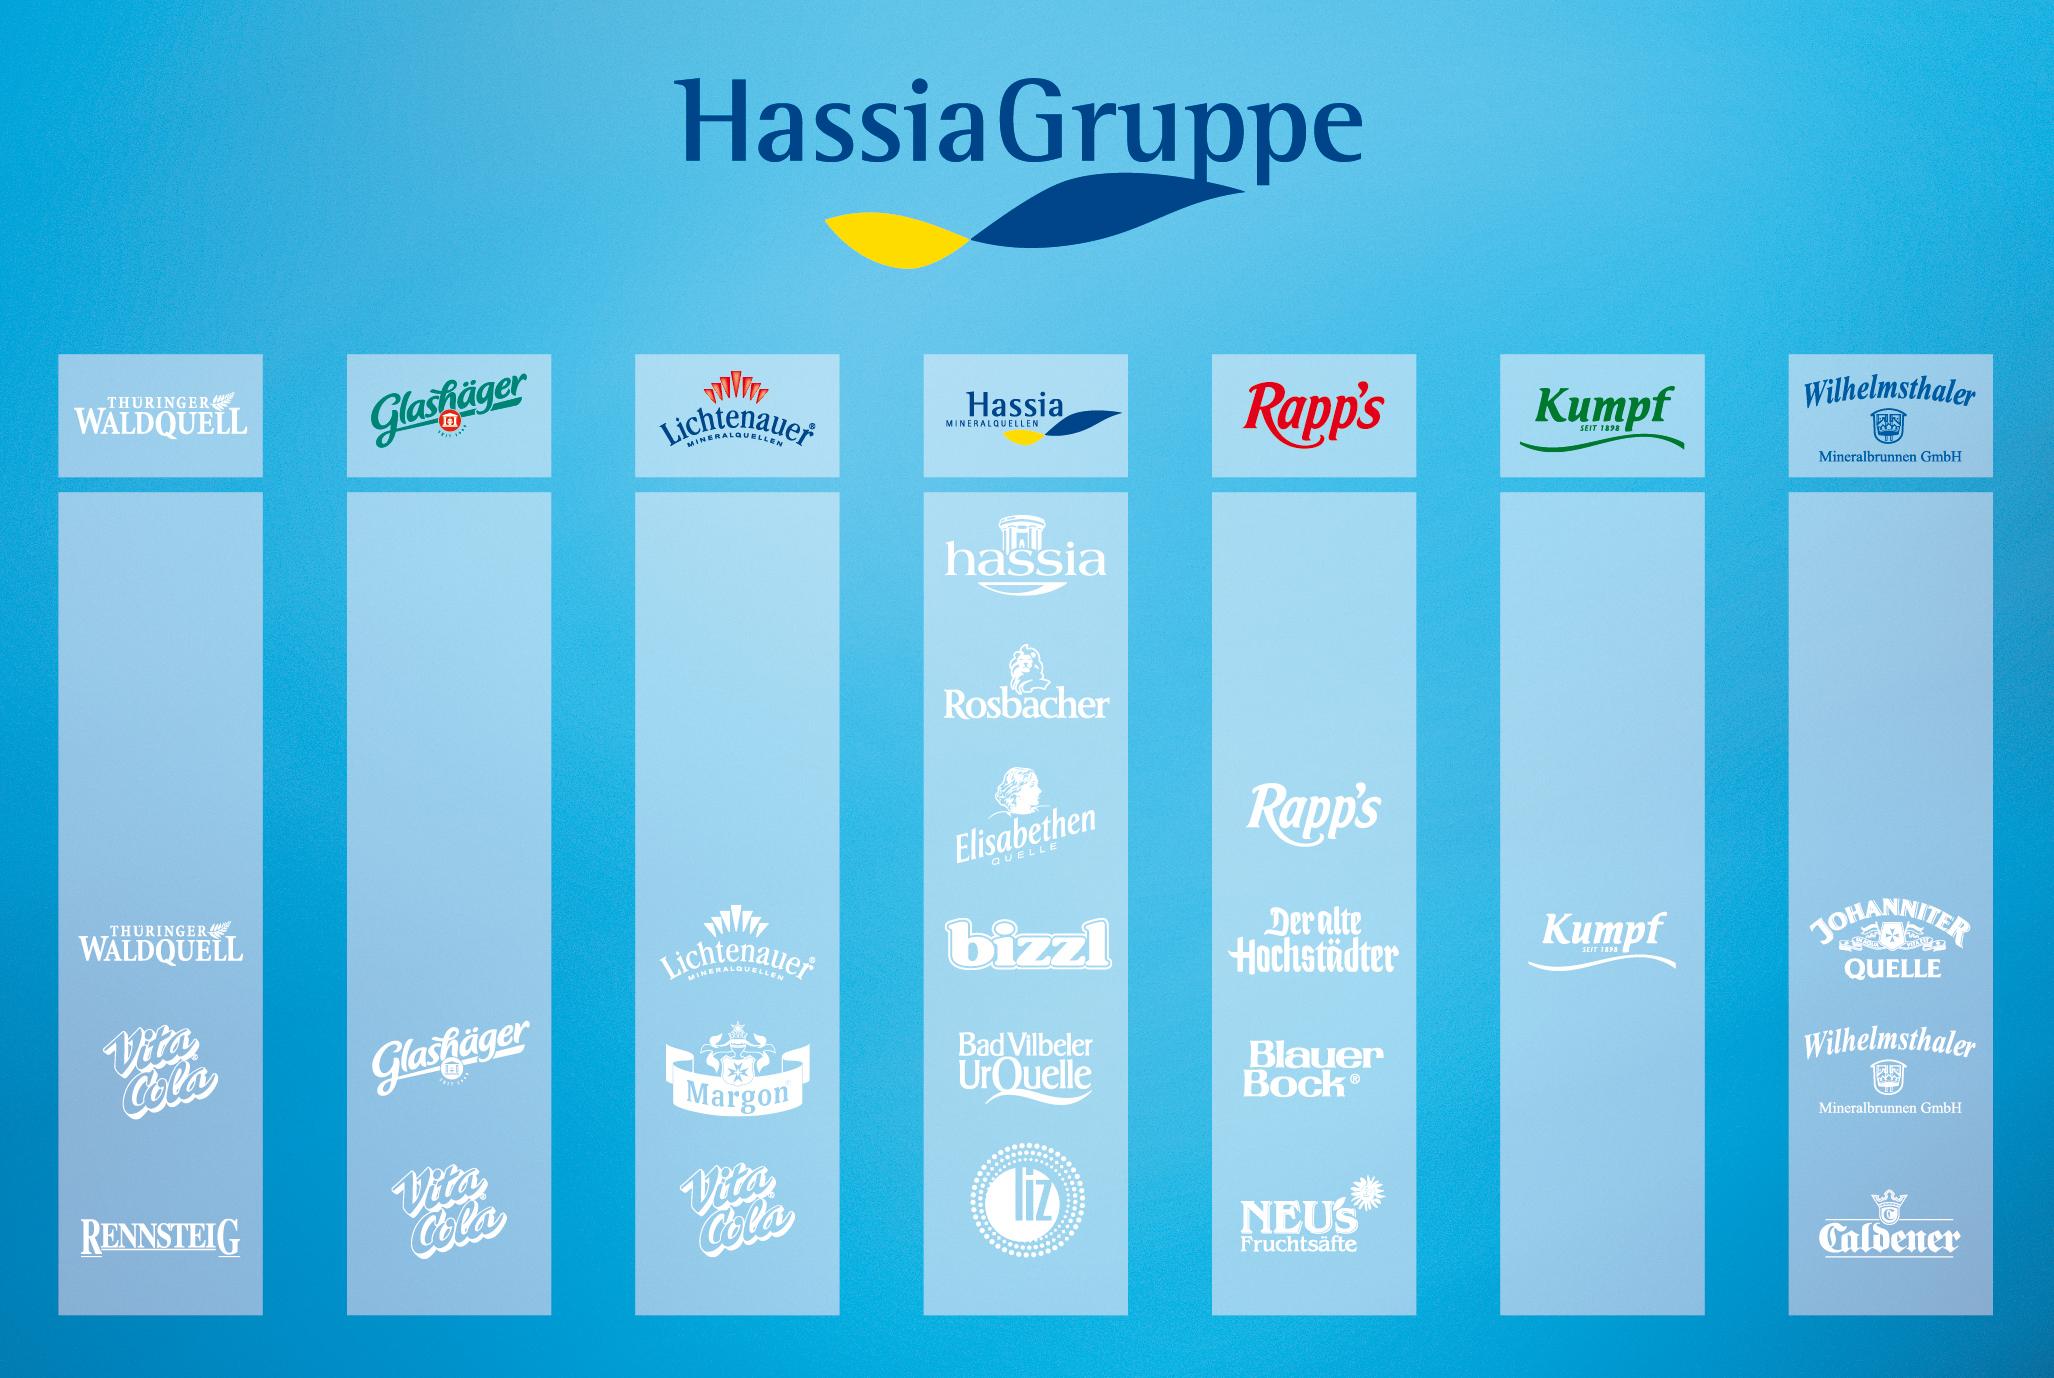 Abbildung: Die Unternehmen der HassiaGruppe mit ihren Kernmarken